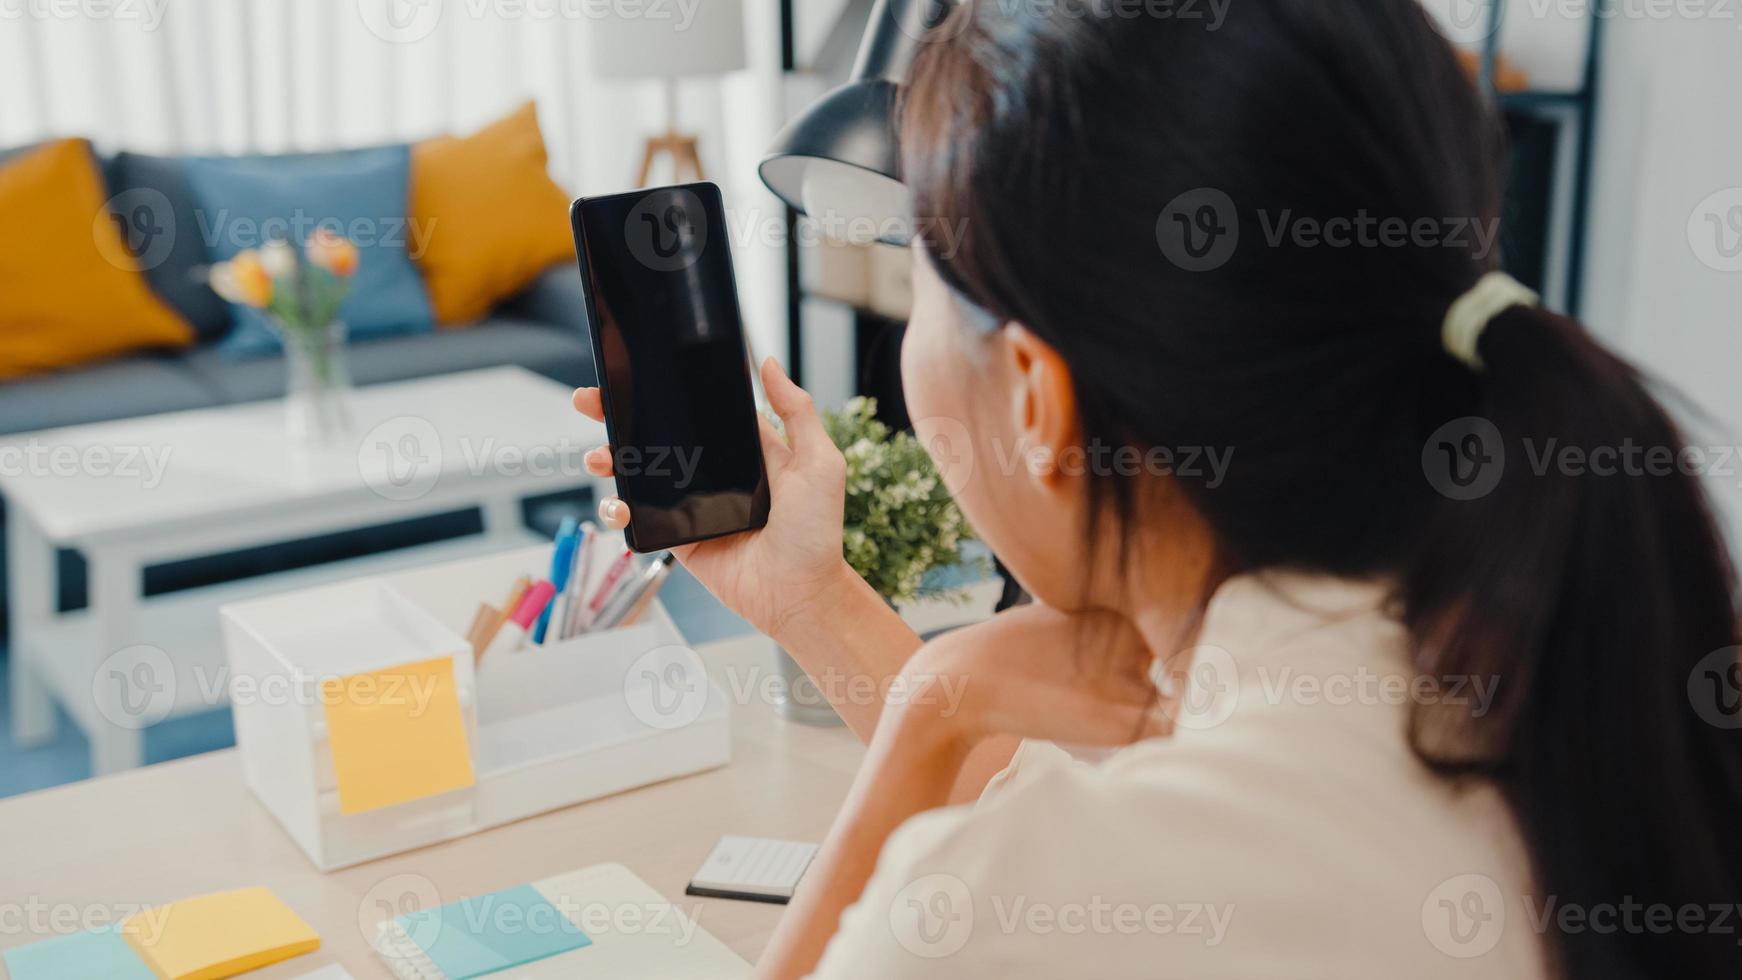 ung asiatisk dam använder smart telefon med tom svart skärm håna upp display för reklamtext medan smart arbetar hemifrån i vardagsrummet. chroma key -teknik, marknadsföringskoncept. foto